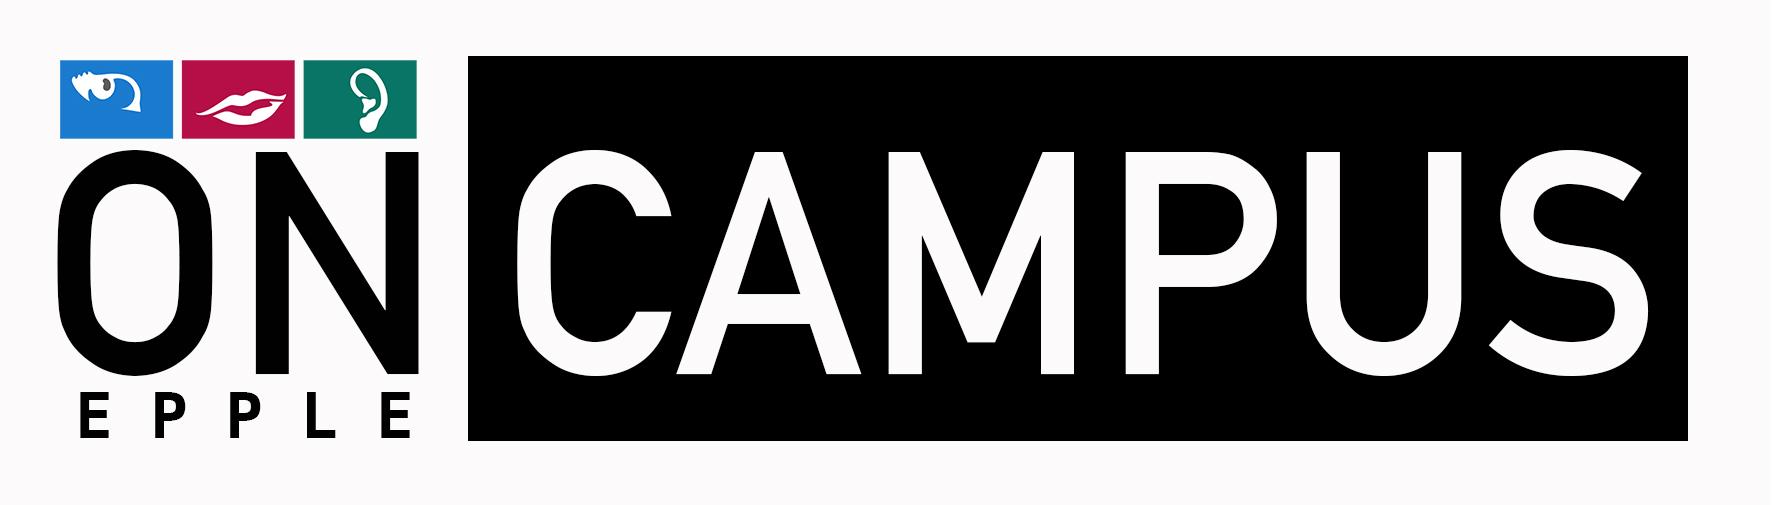 OnCampus